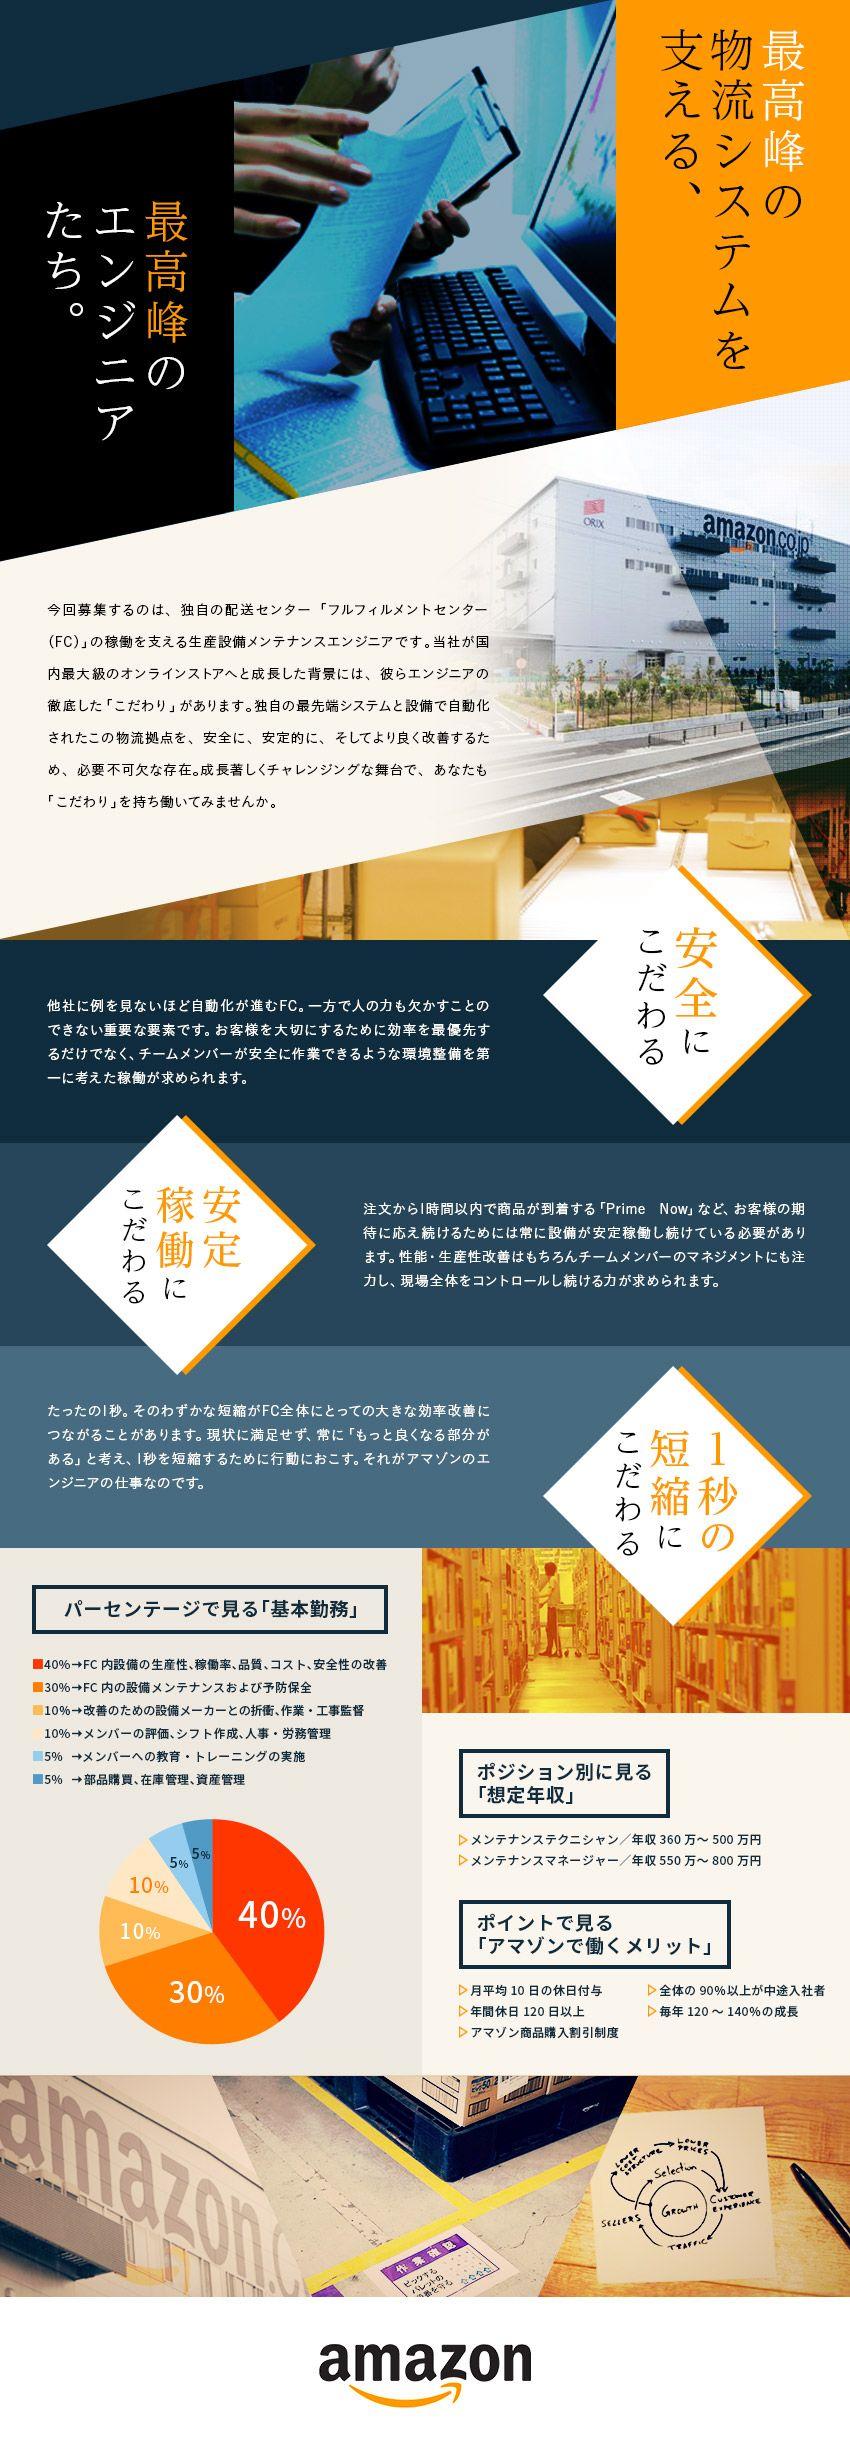 合同 アマゾン 会社 ジャパン